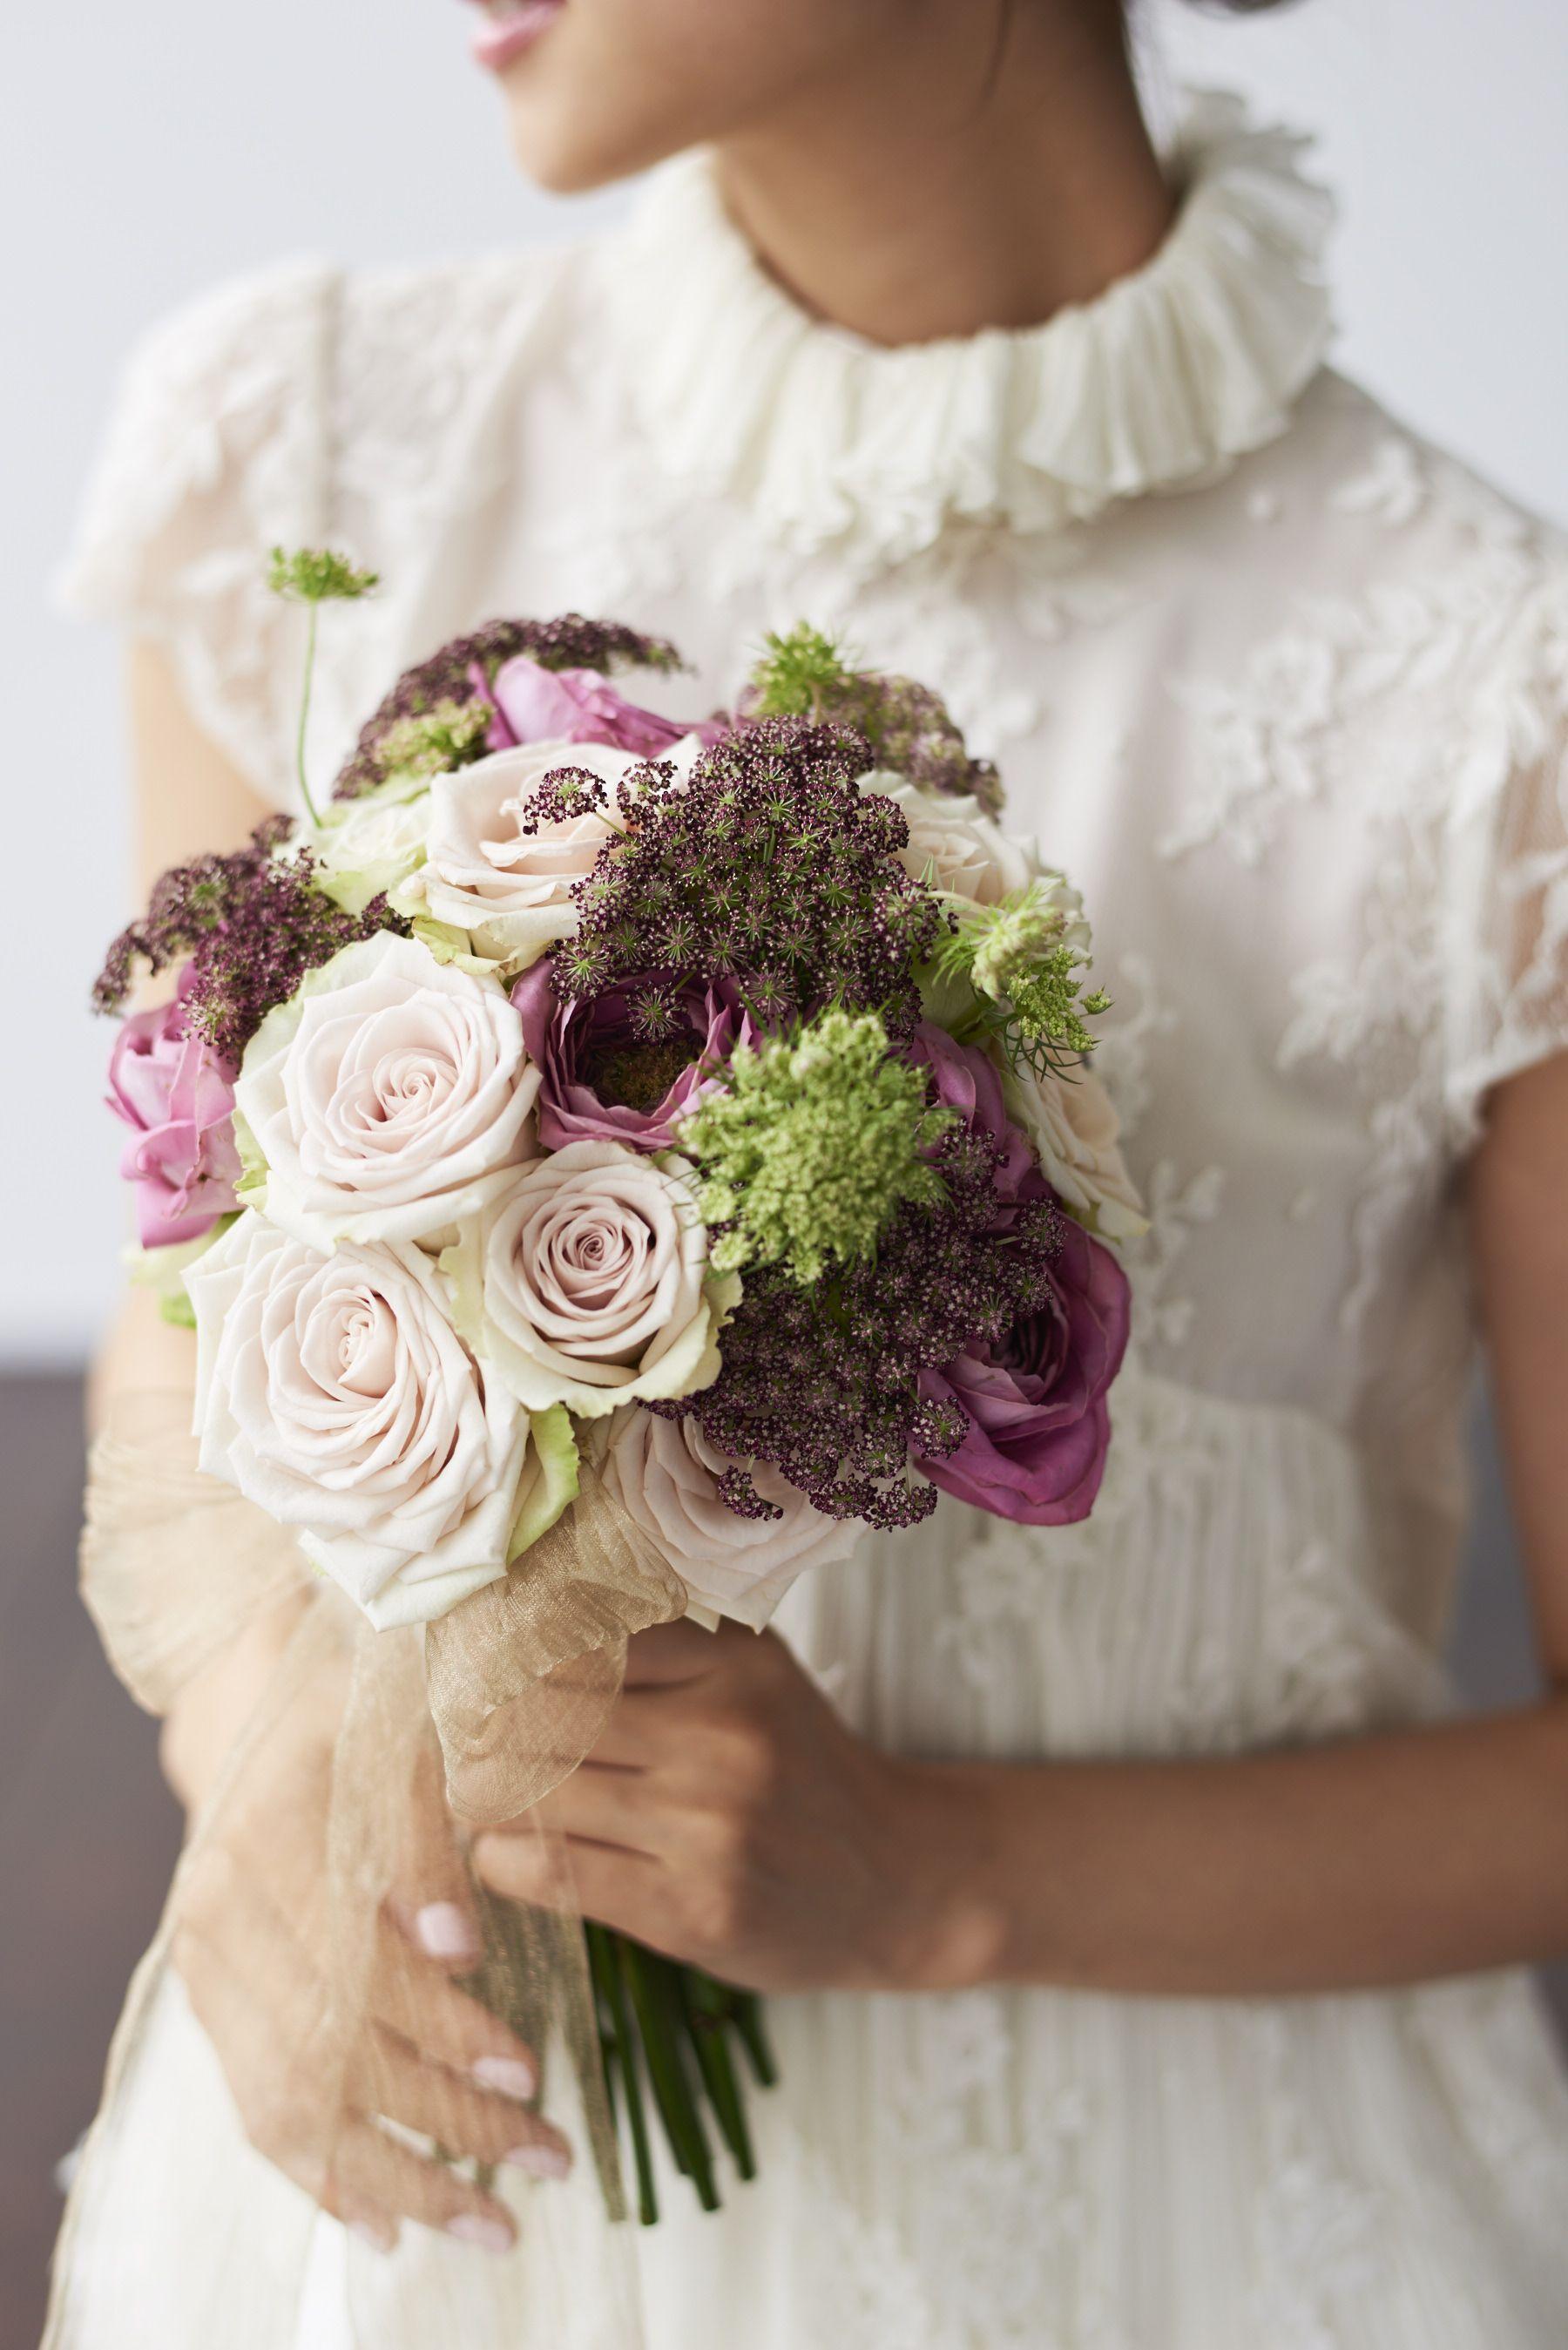 アンティーク風ブーケ 色味の違うバラをいれつつボルドー系の小花を入れることで大人っぽくアンティークな雰囲気に Wedding Wedding Bouquet Antique Wedding ウェディングブーケ ブーケ ウェディング Diy